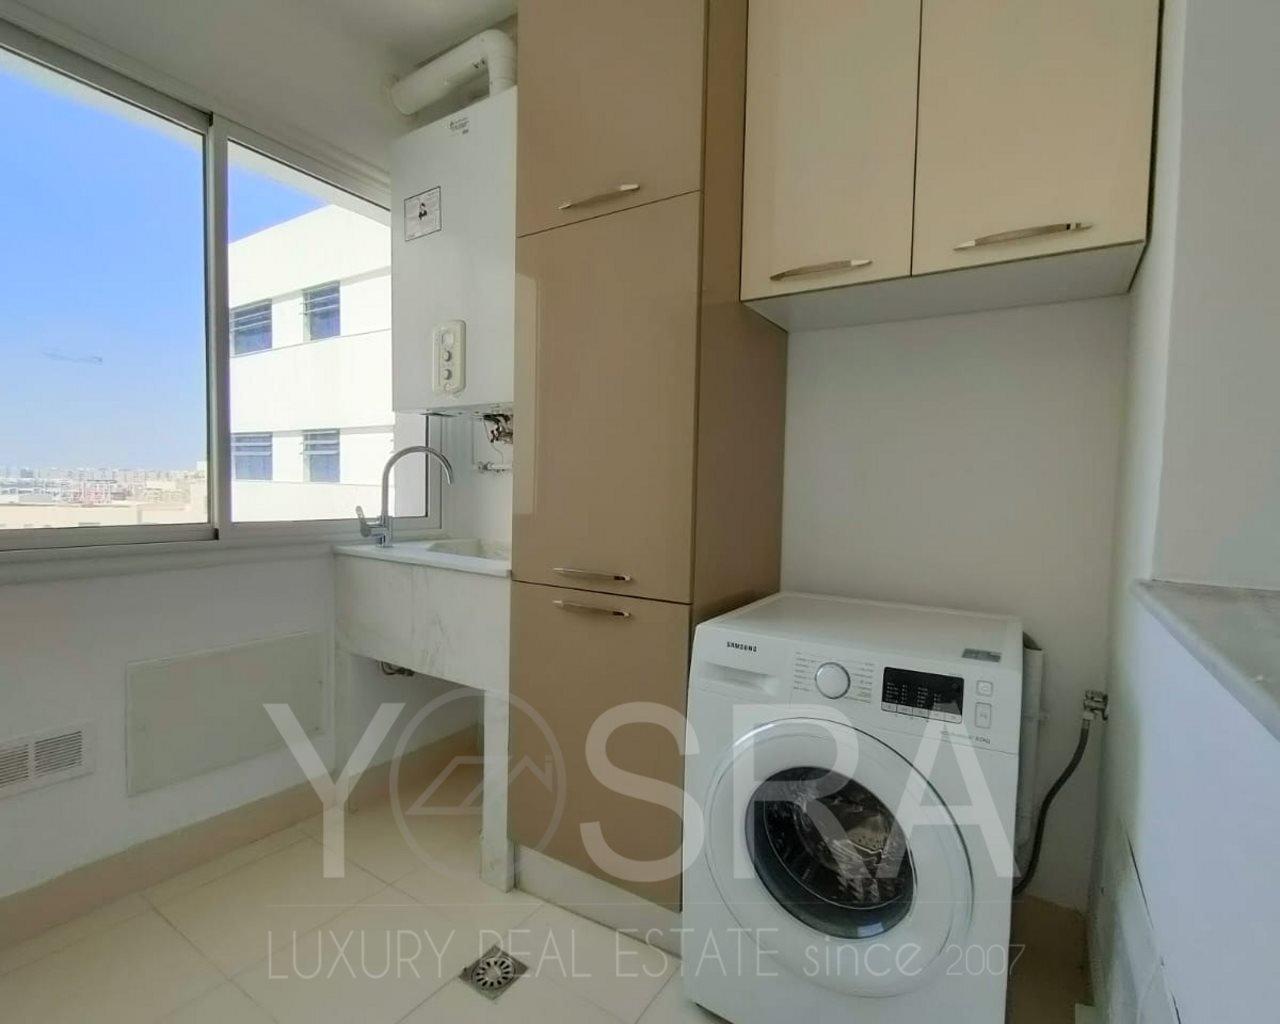 Location Appartement - Les Berges du Lac - Tunisie